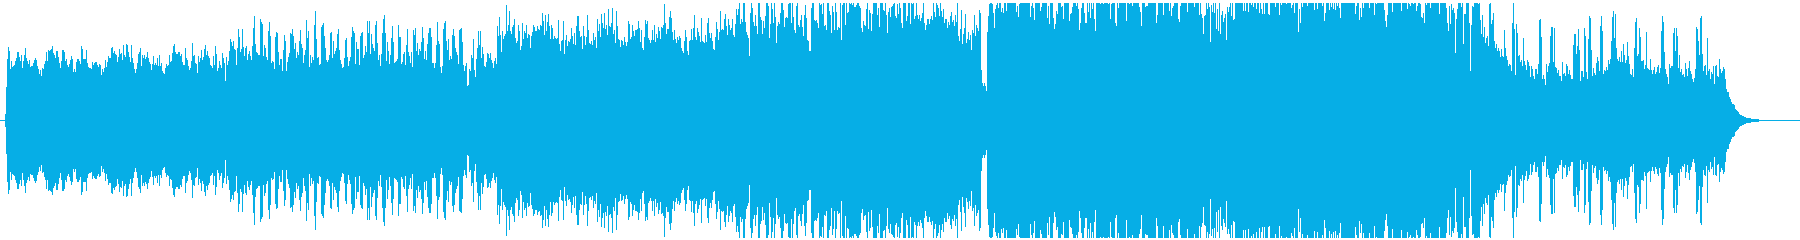 ピアノとシンセリードが印象的なEDMの再生済みの波形